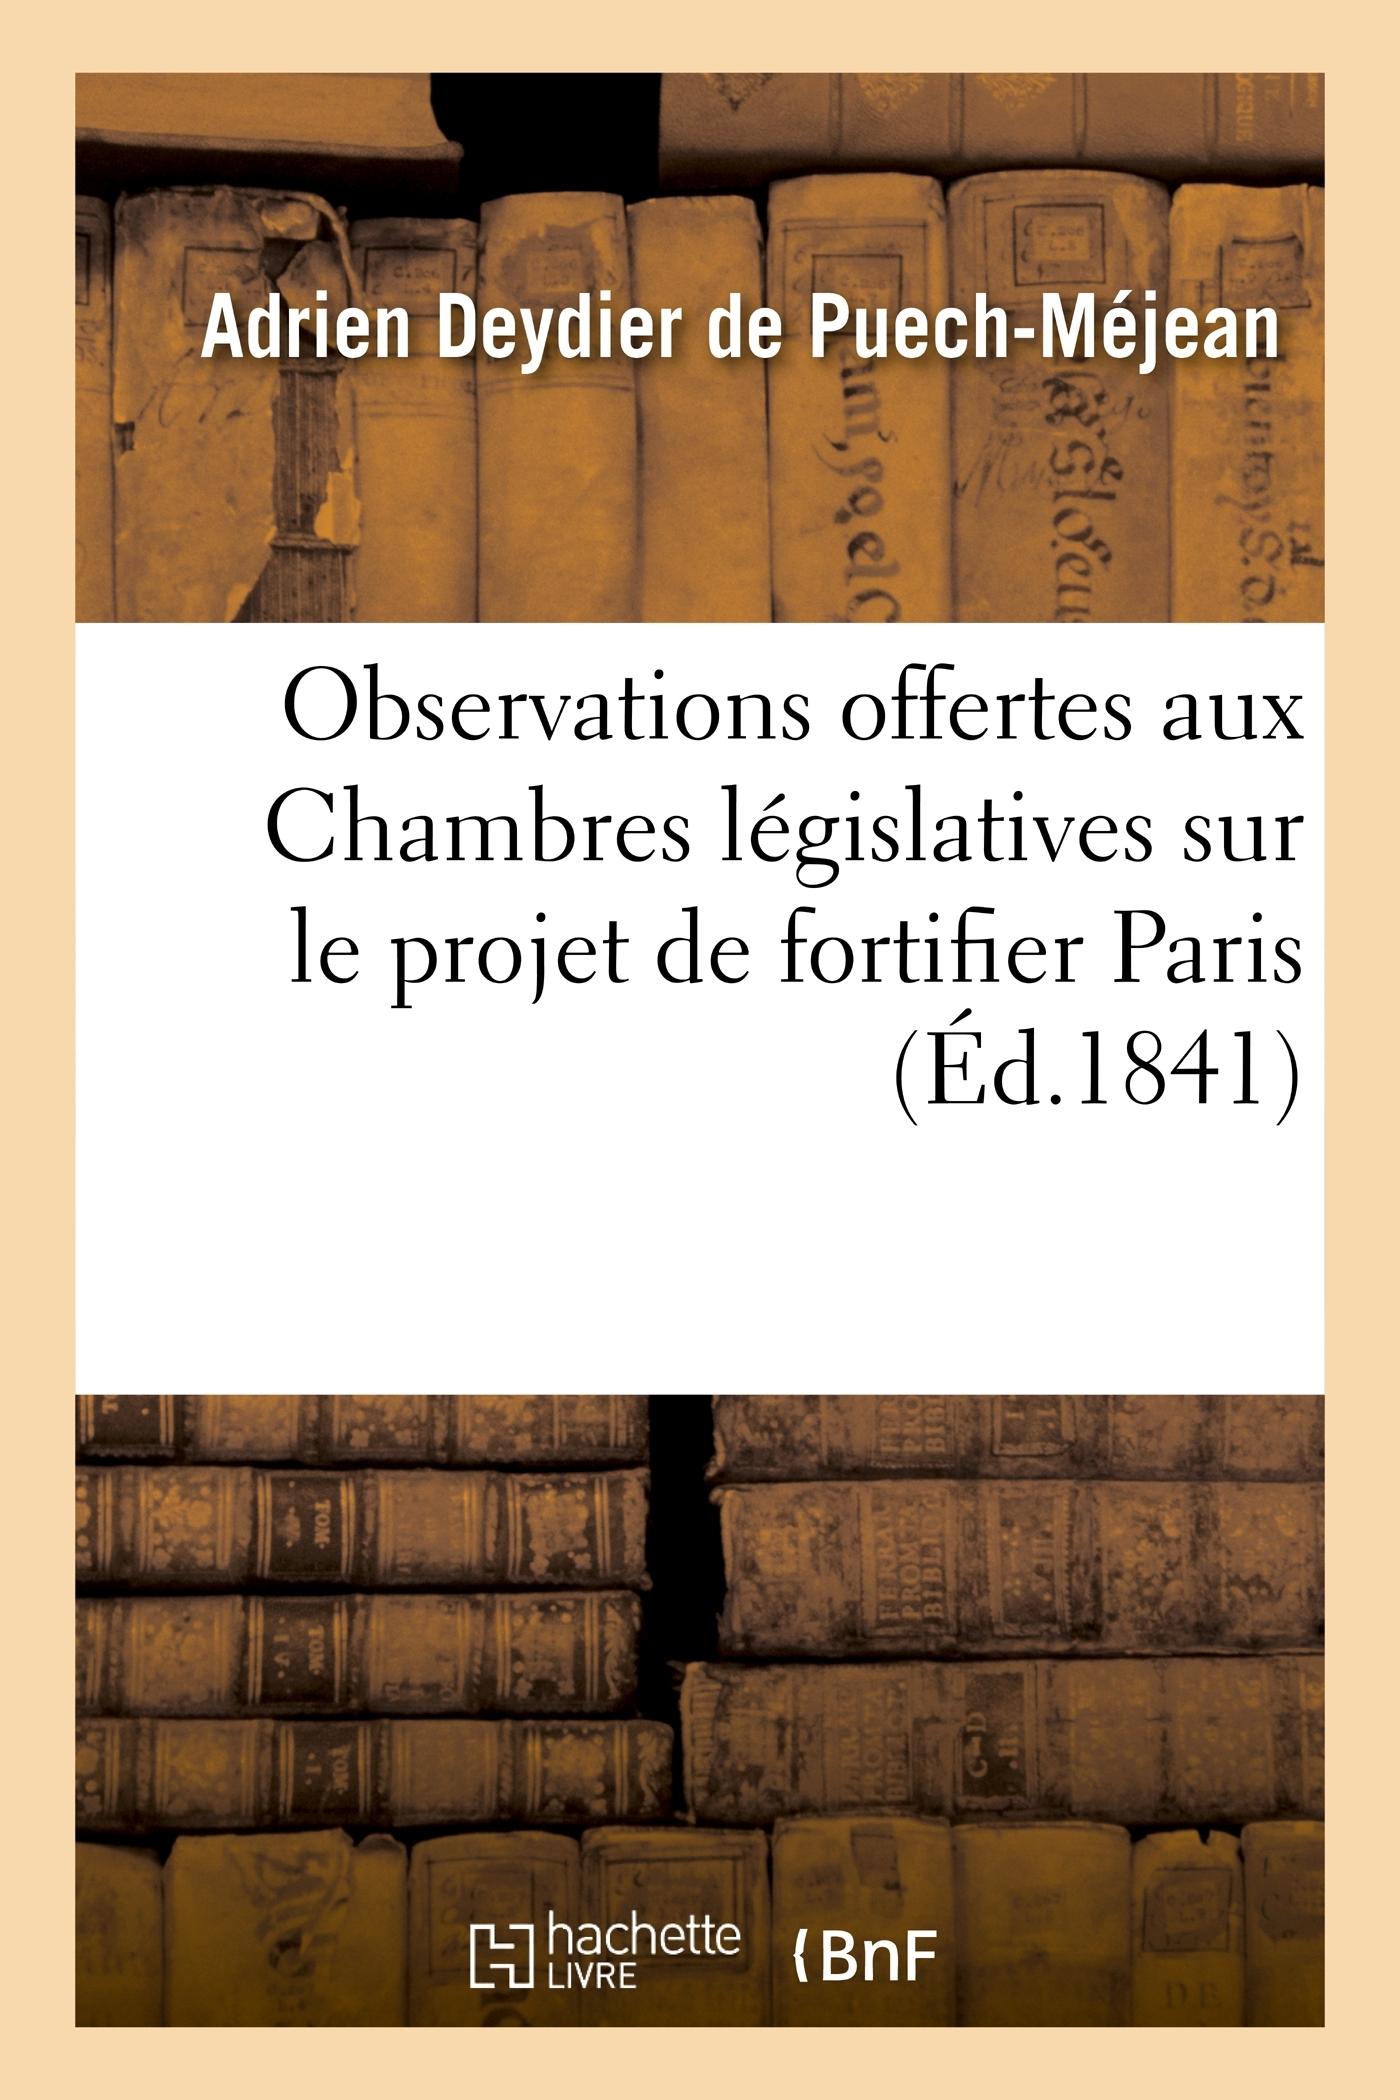 OBSERVATIONS OFFERTES AUX CHAMBRES LEGISLATIVES SUR LE PROJET DE FORTIFIER PARIS